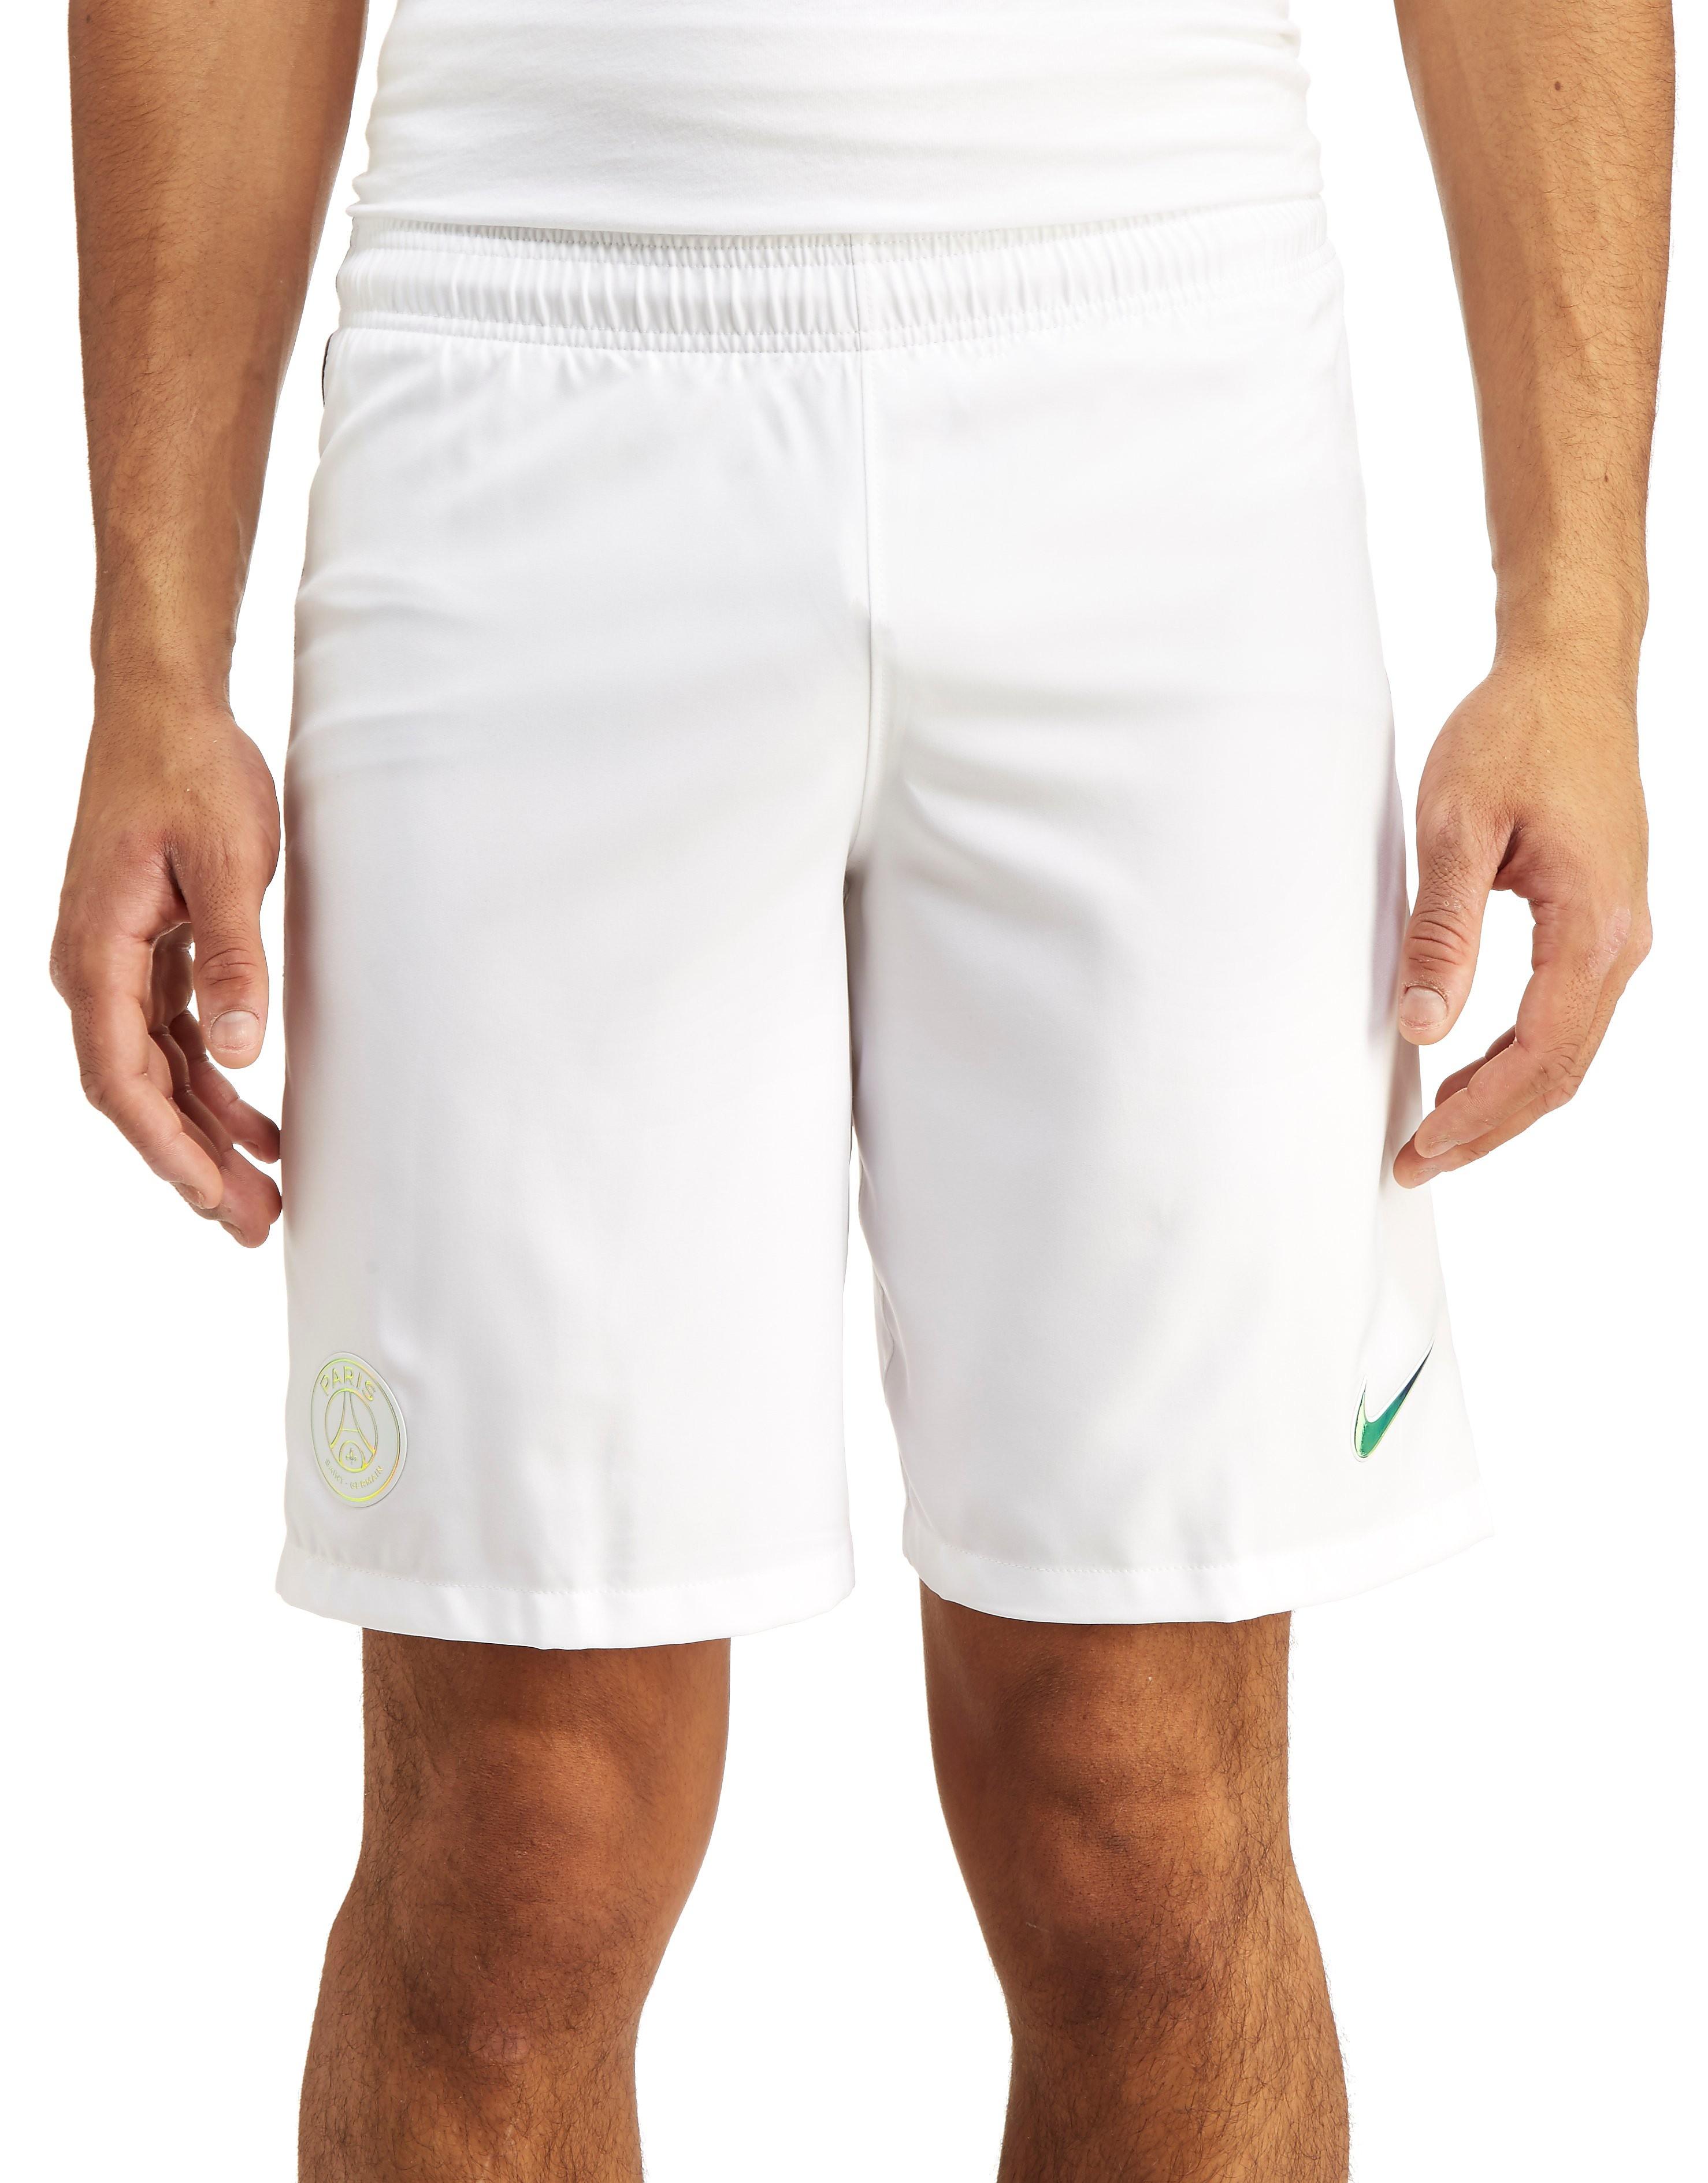 Nike Paris Saint Germain 2016/17 Third Shorts